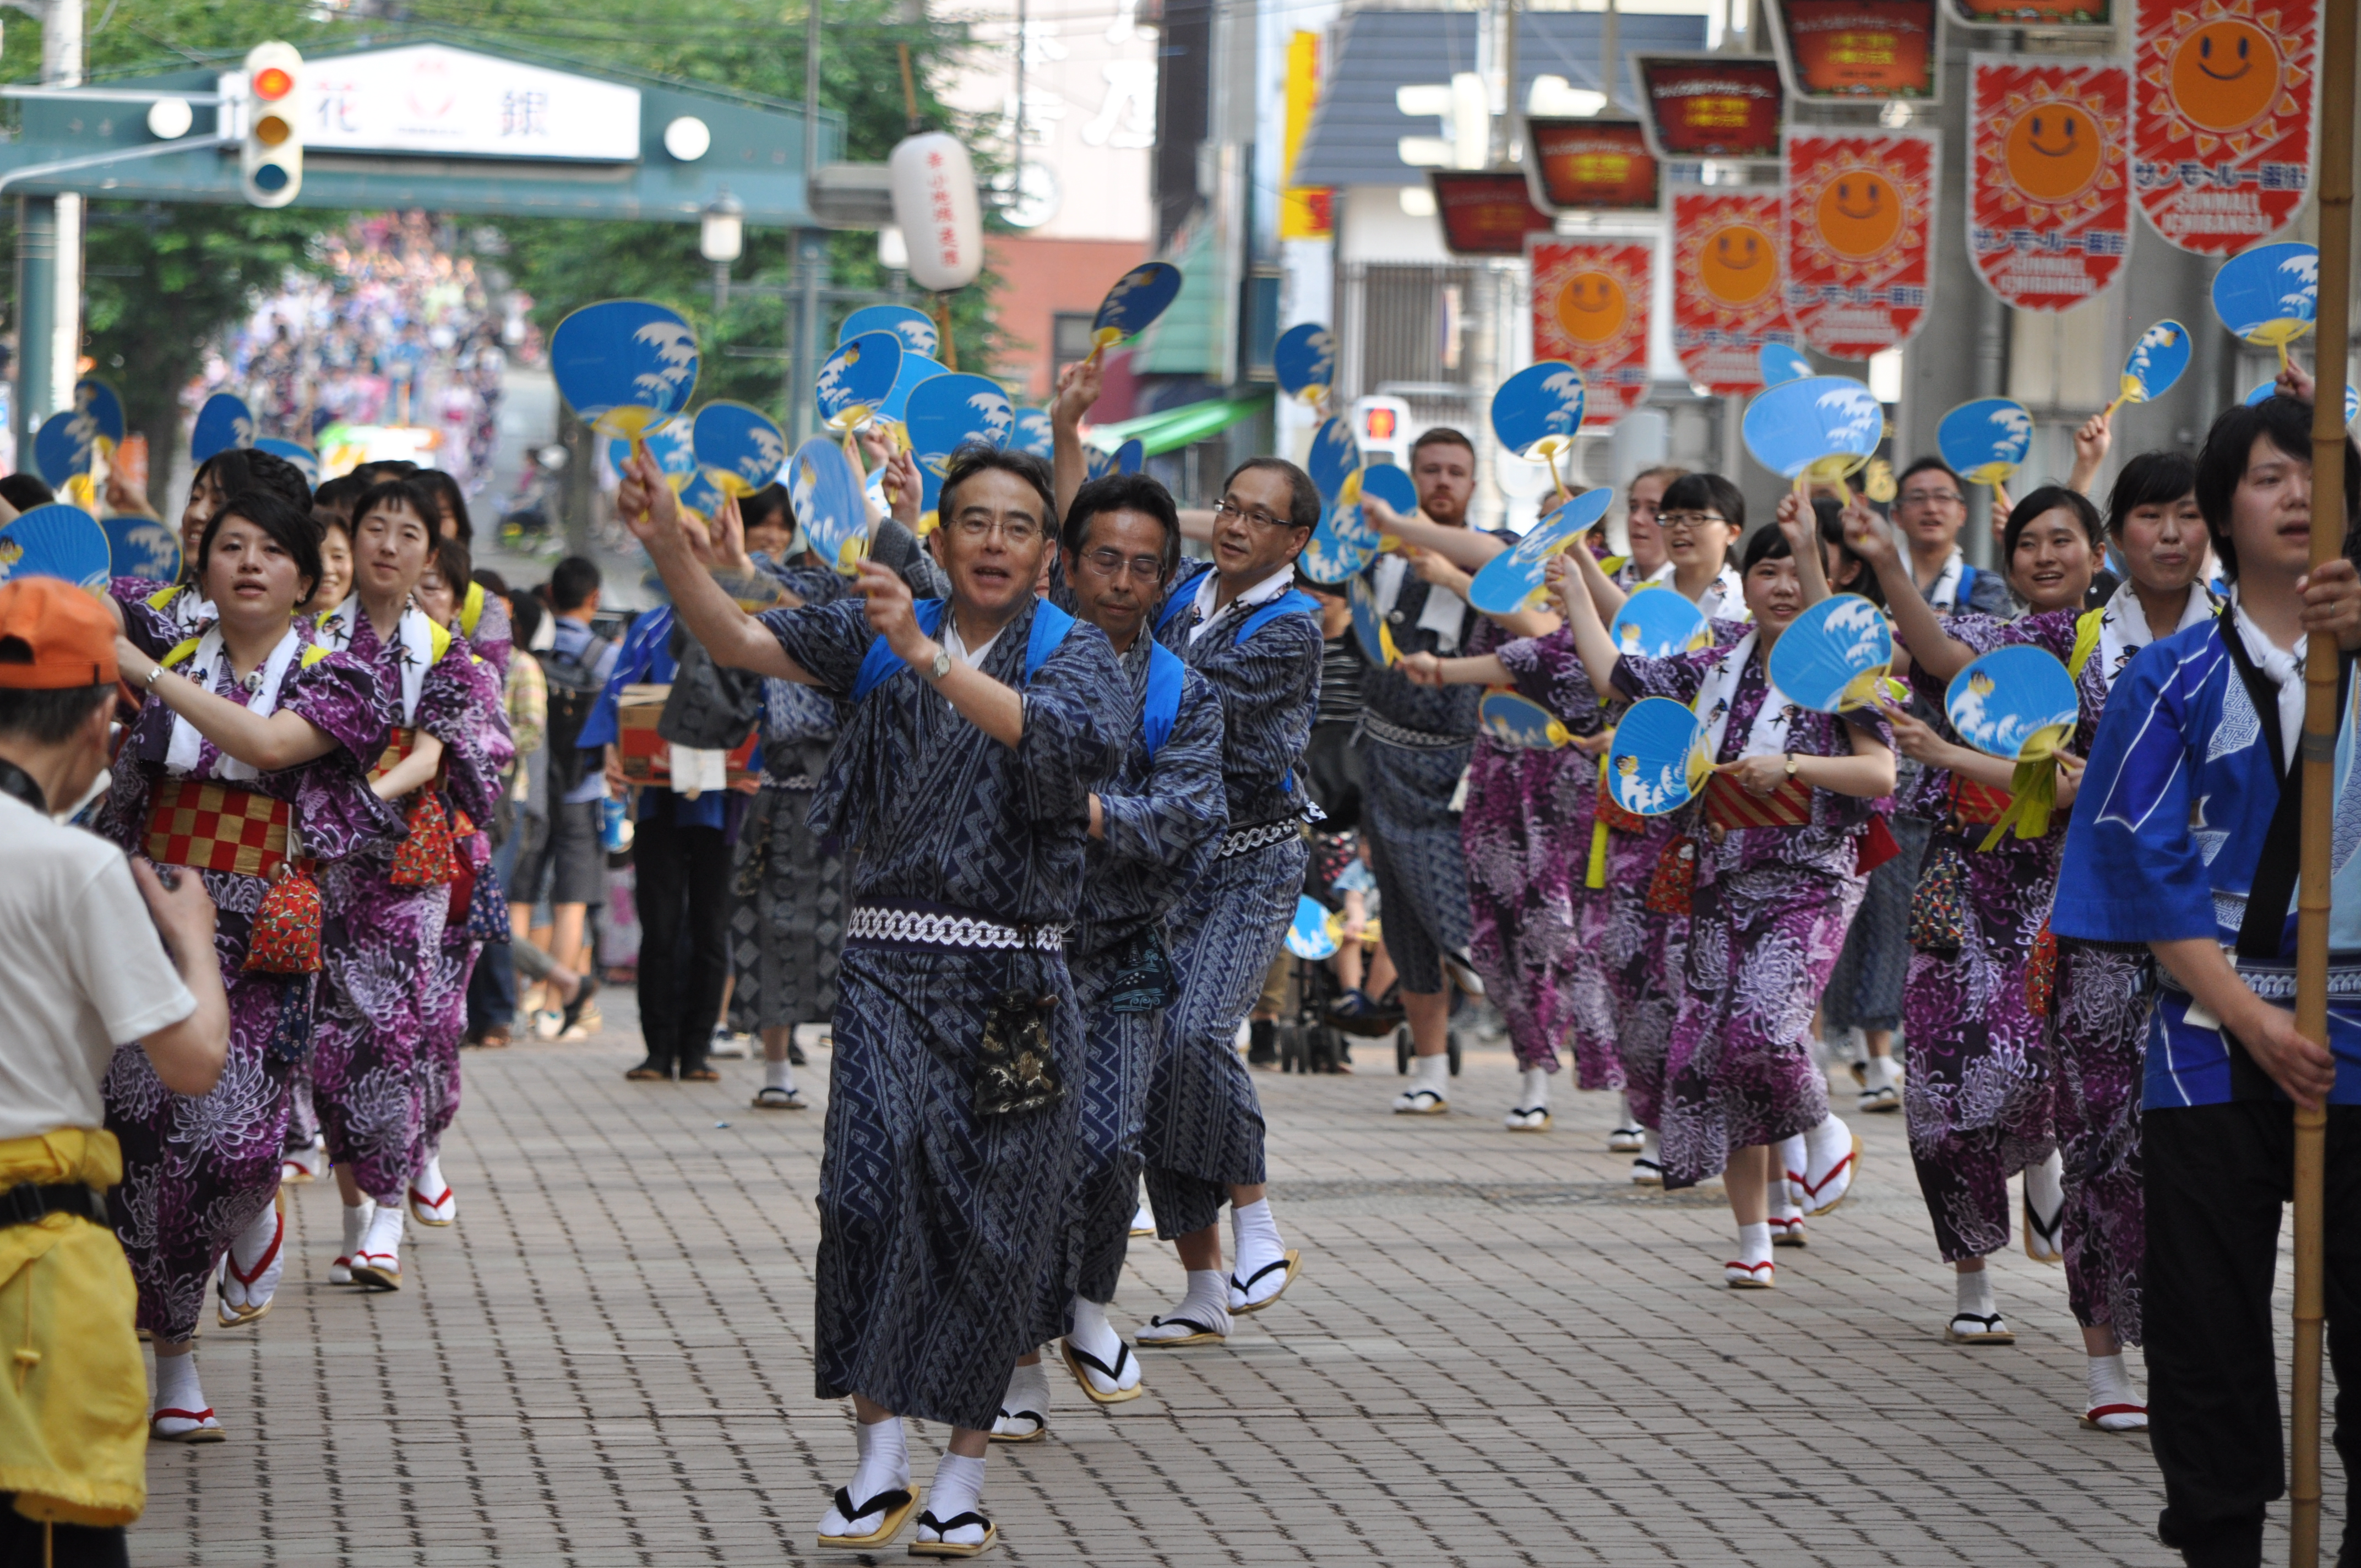 20170708ushiofestival01.JPG